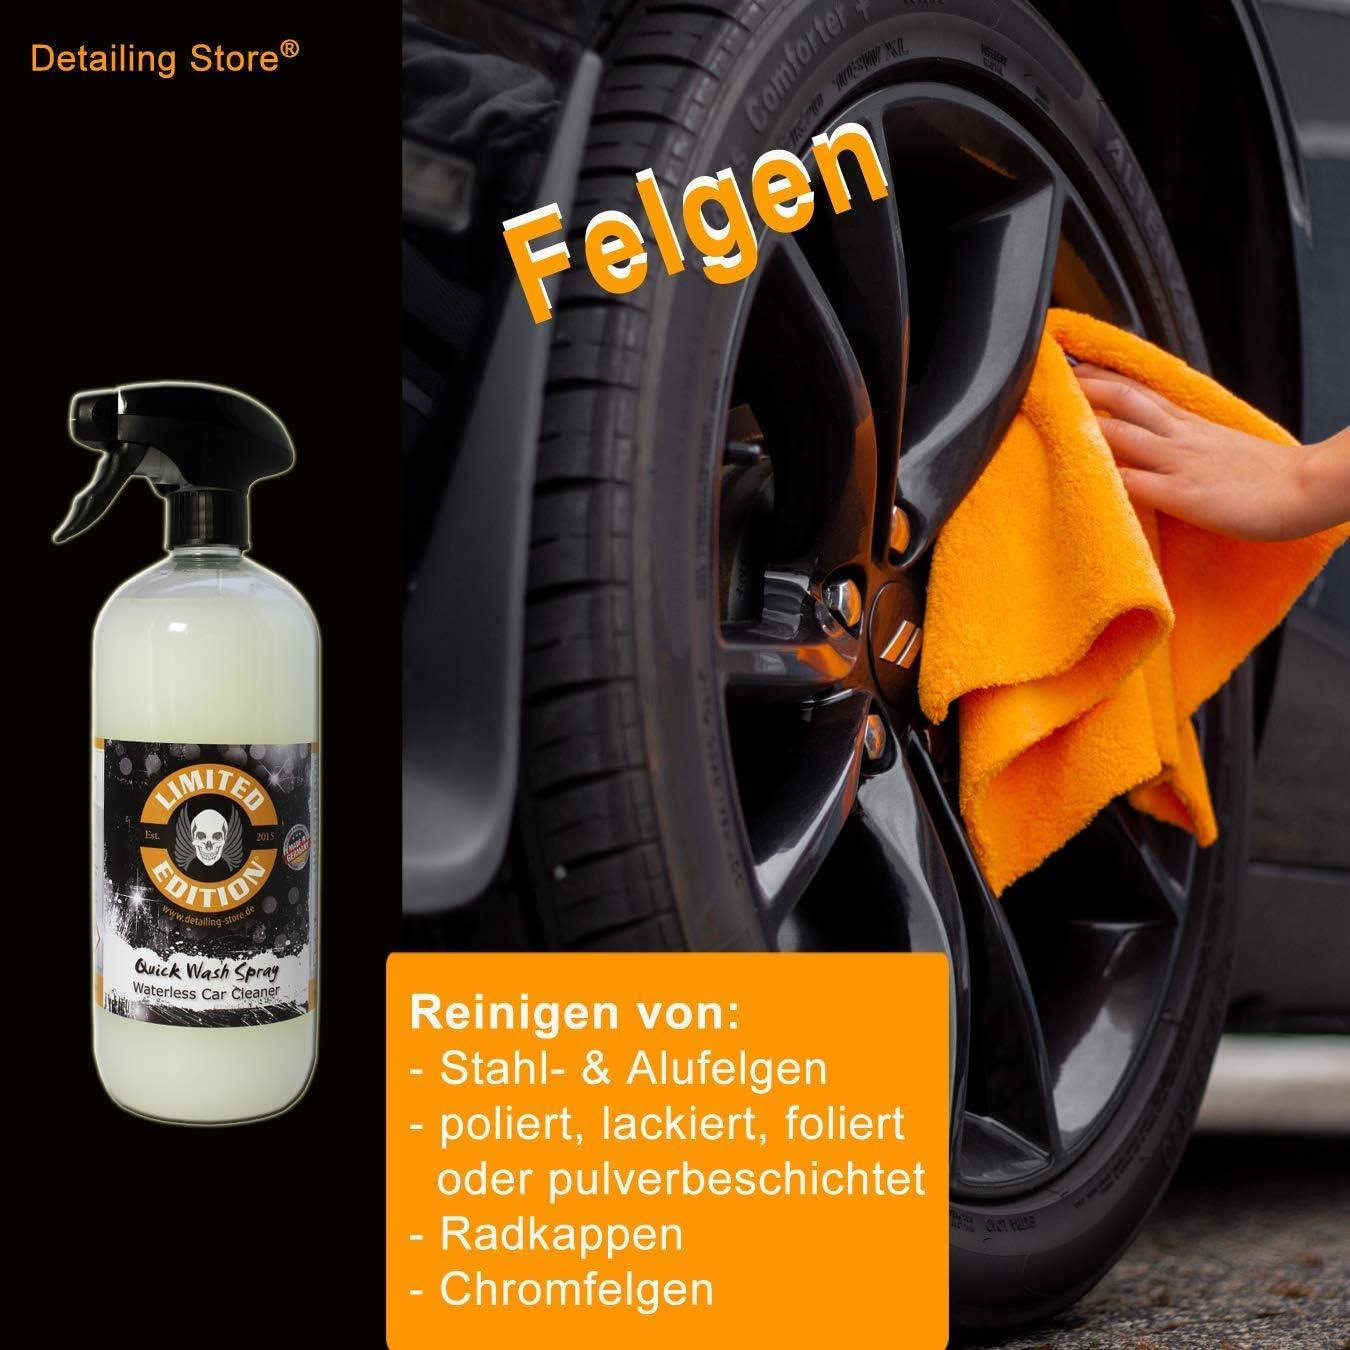 Limited Edition Trockenreiniger Quick Wash Spray Waterless Car Cleaner Für Lack Und Folie Ohne Wasser Auto Waschen Für Innen Und Außen Mango Duft 1 0 Liter Auto